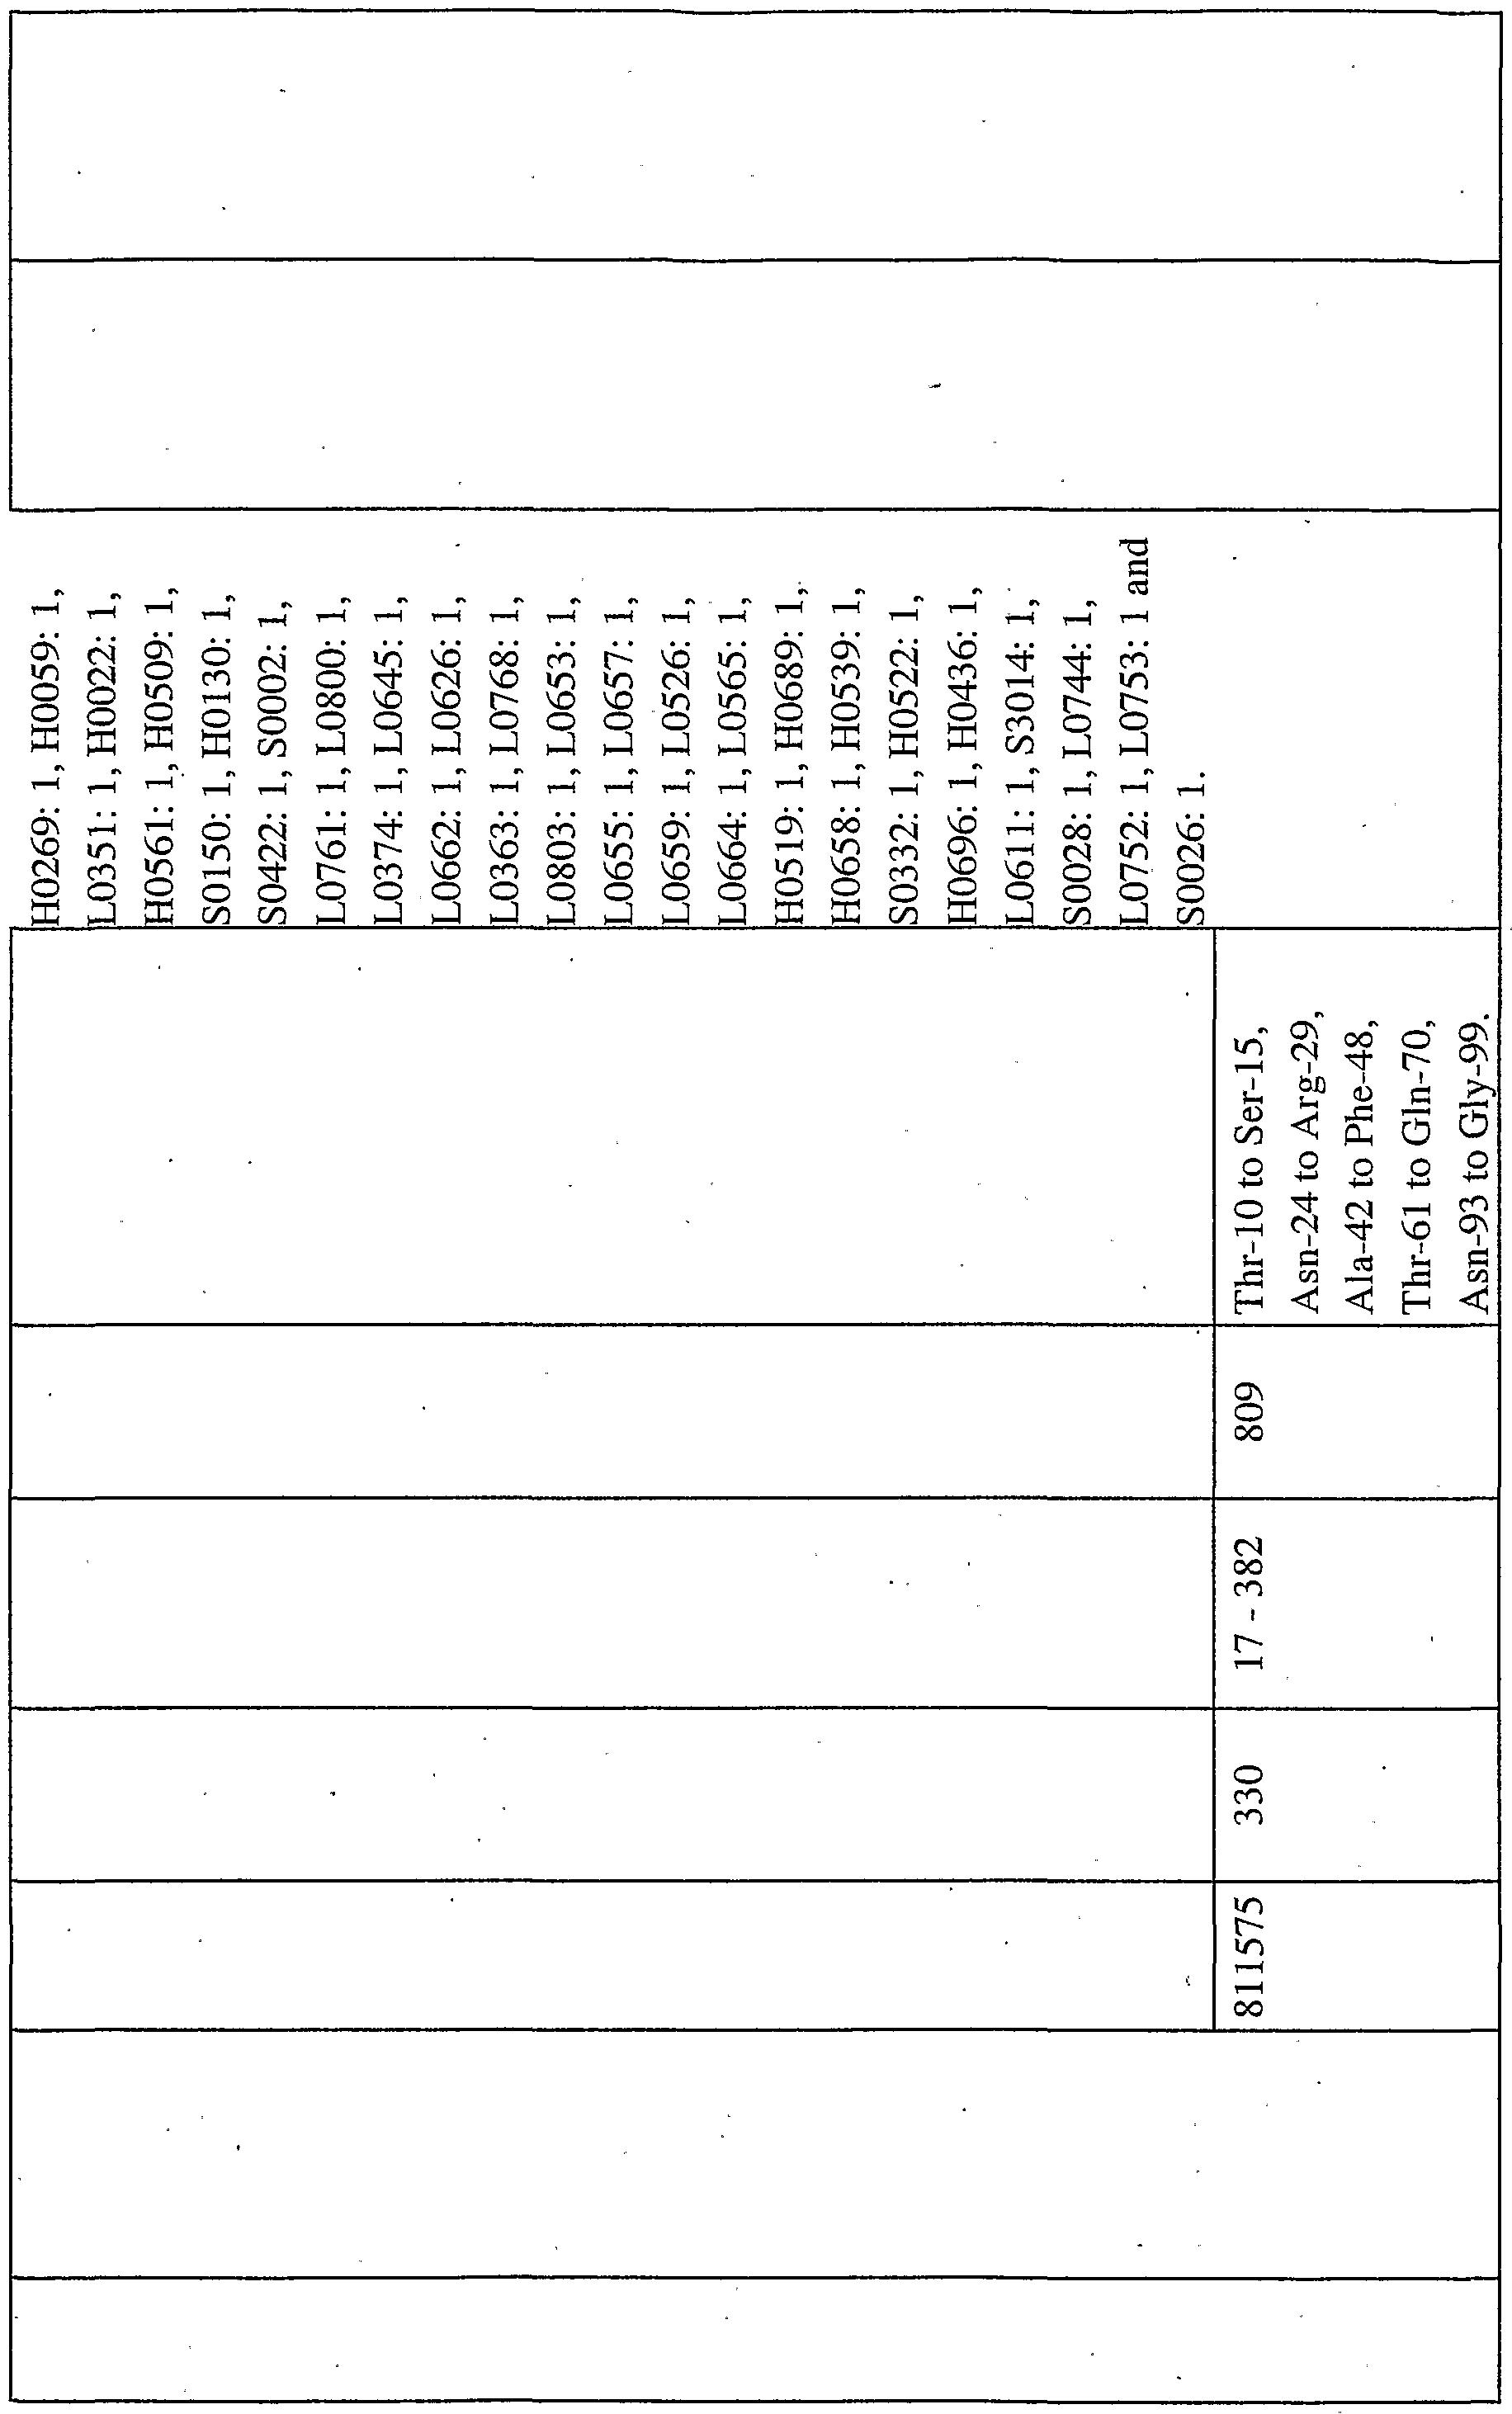 Figure imgf 0001 4